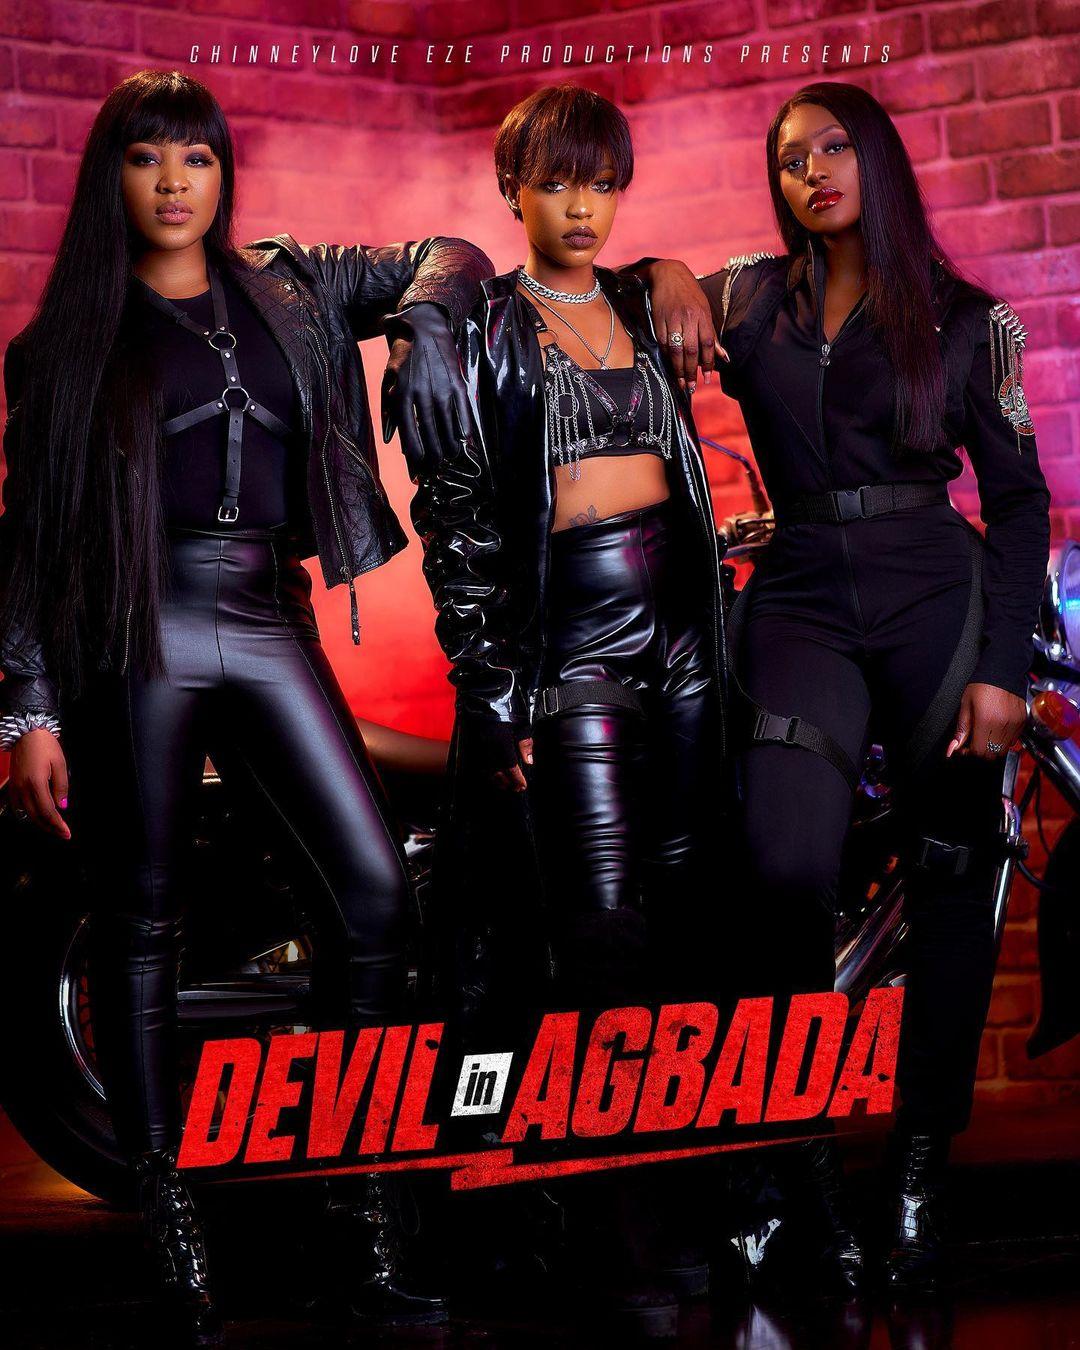 Devil In Agbada